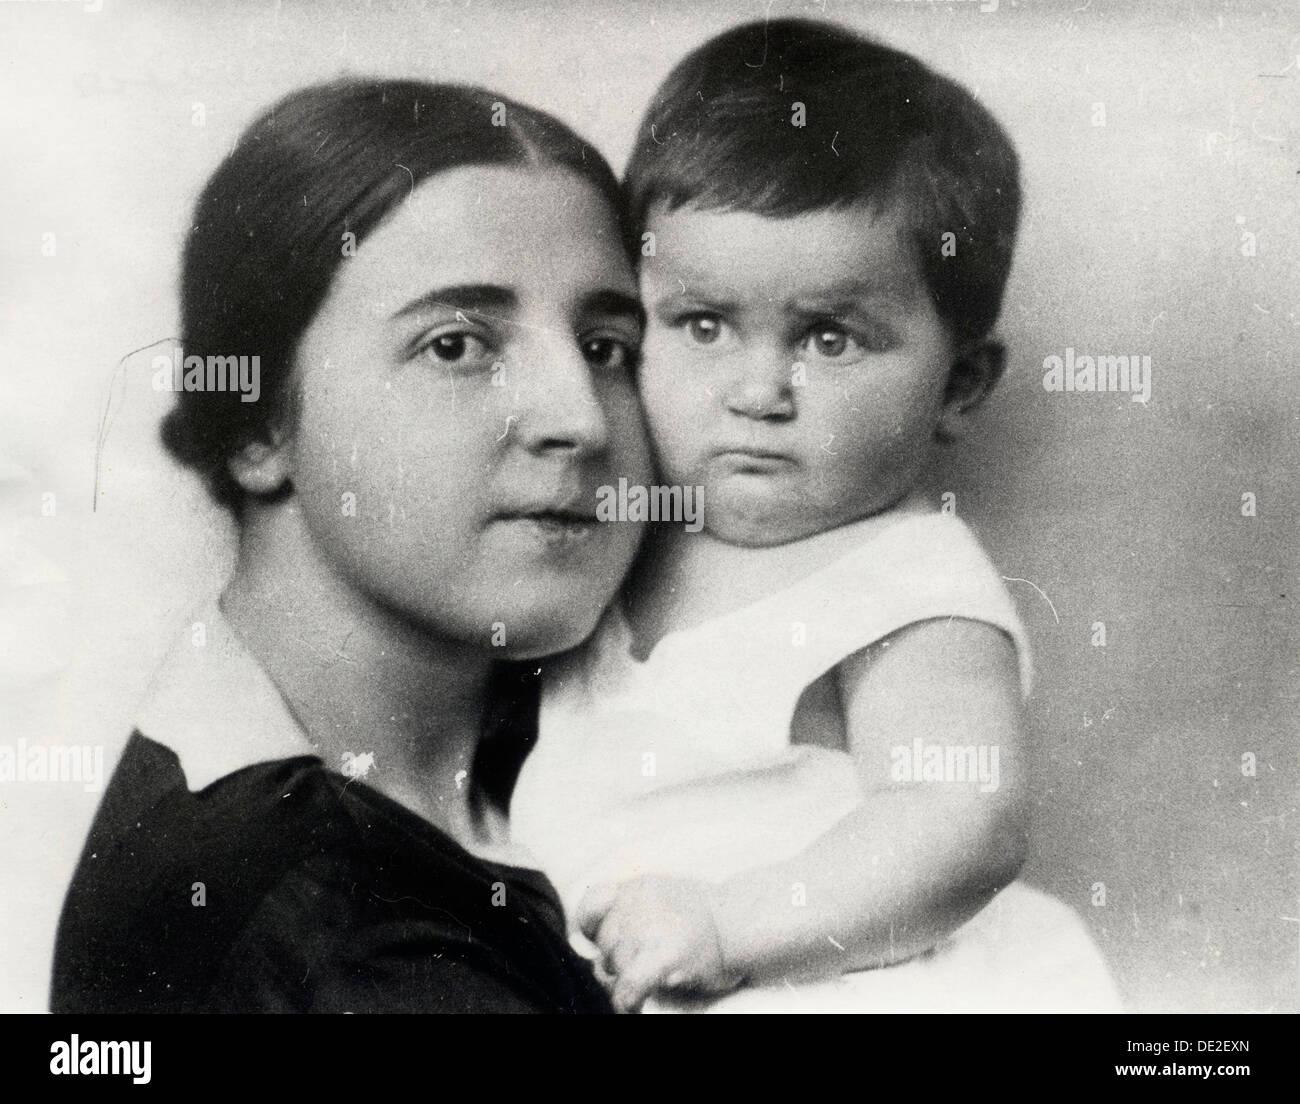 Василий Сталин: биография, личная жизнь, жены, дети 61